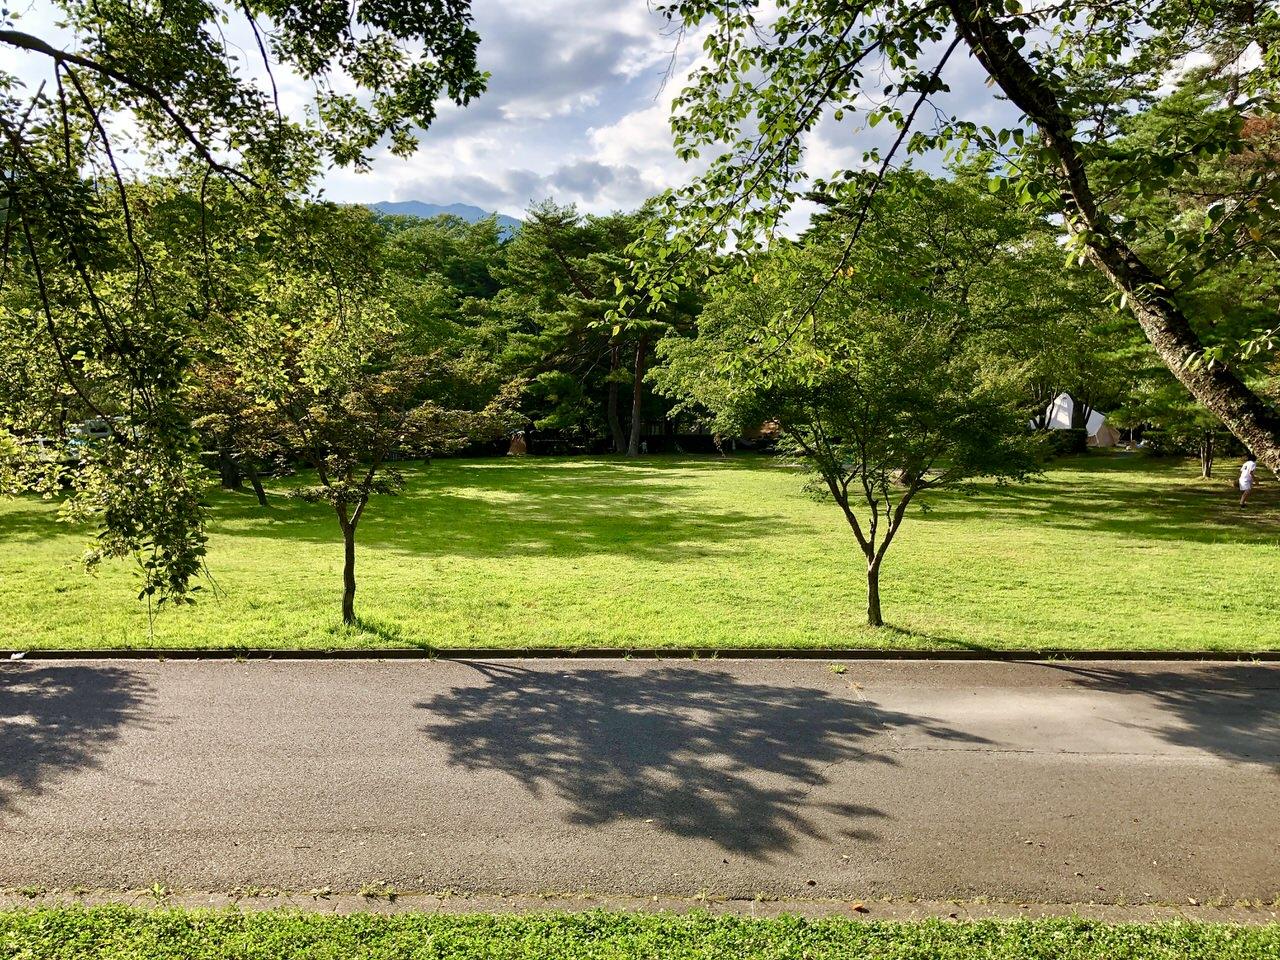 福岡ローマン渓谷オートキャンプ場の遊びの広場